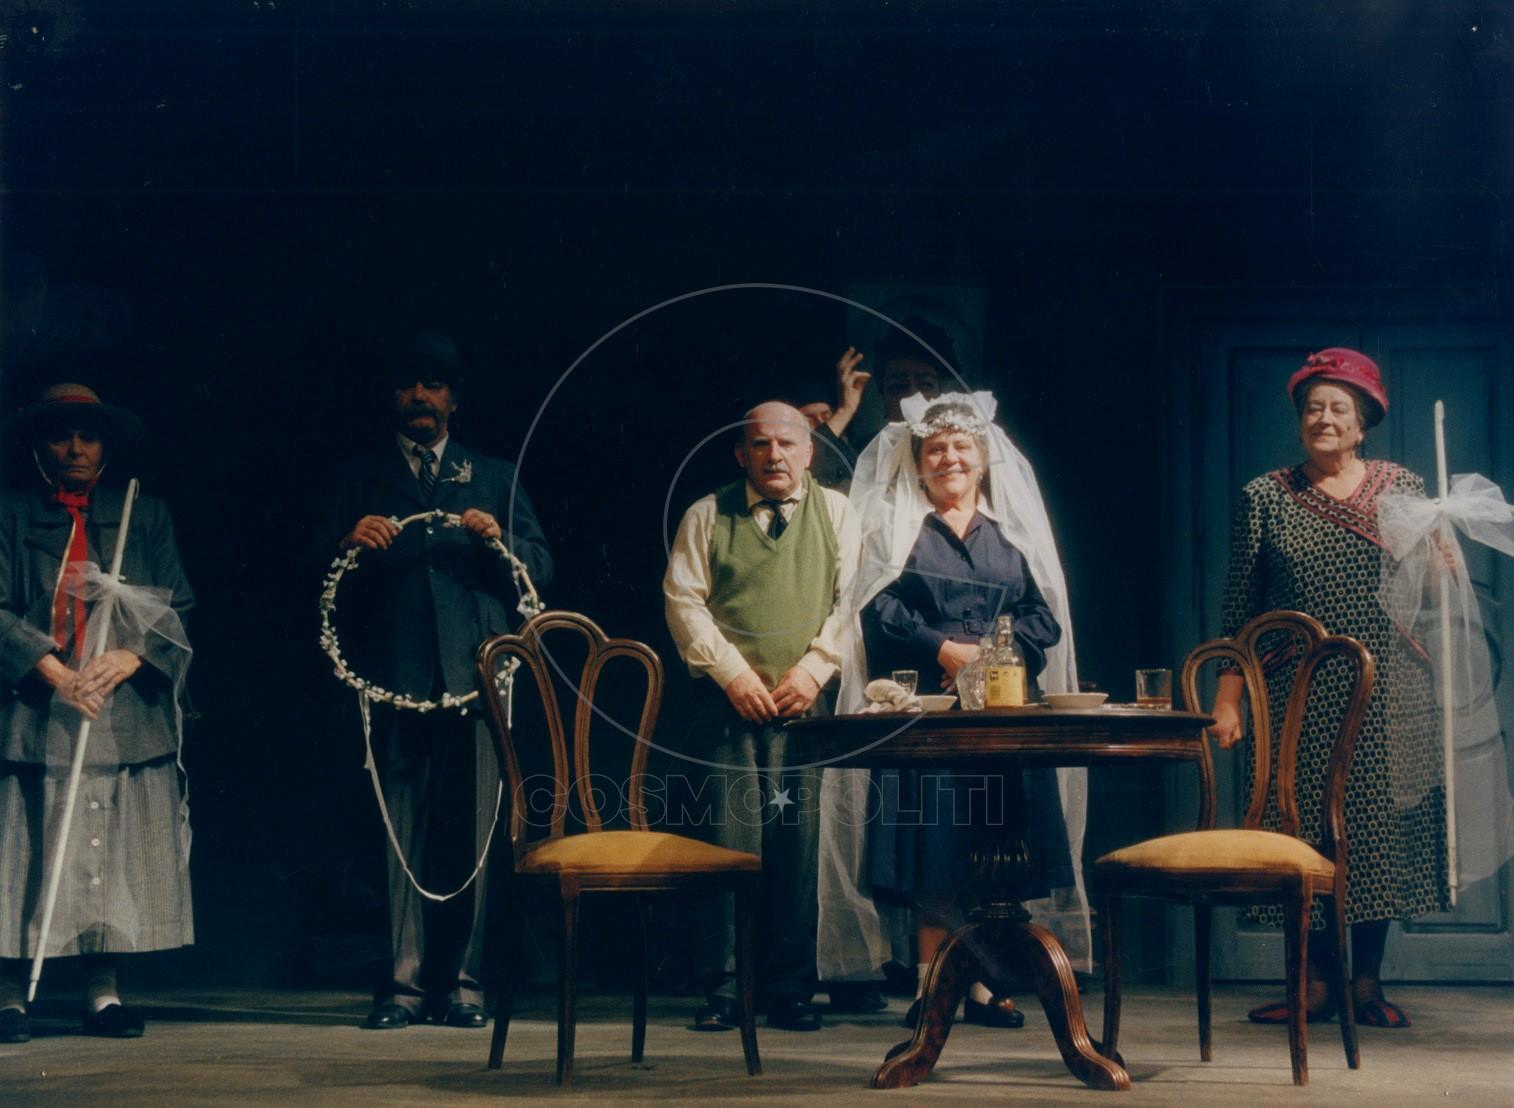 2003Το φάντασμα του κυρίου Ραμόν Νοβάρο (2003)